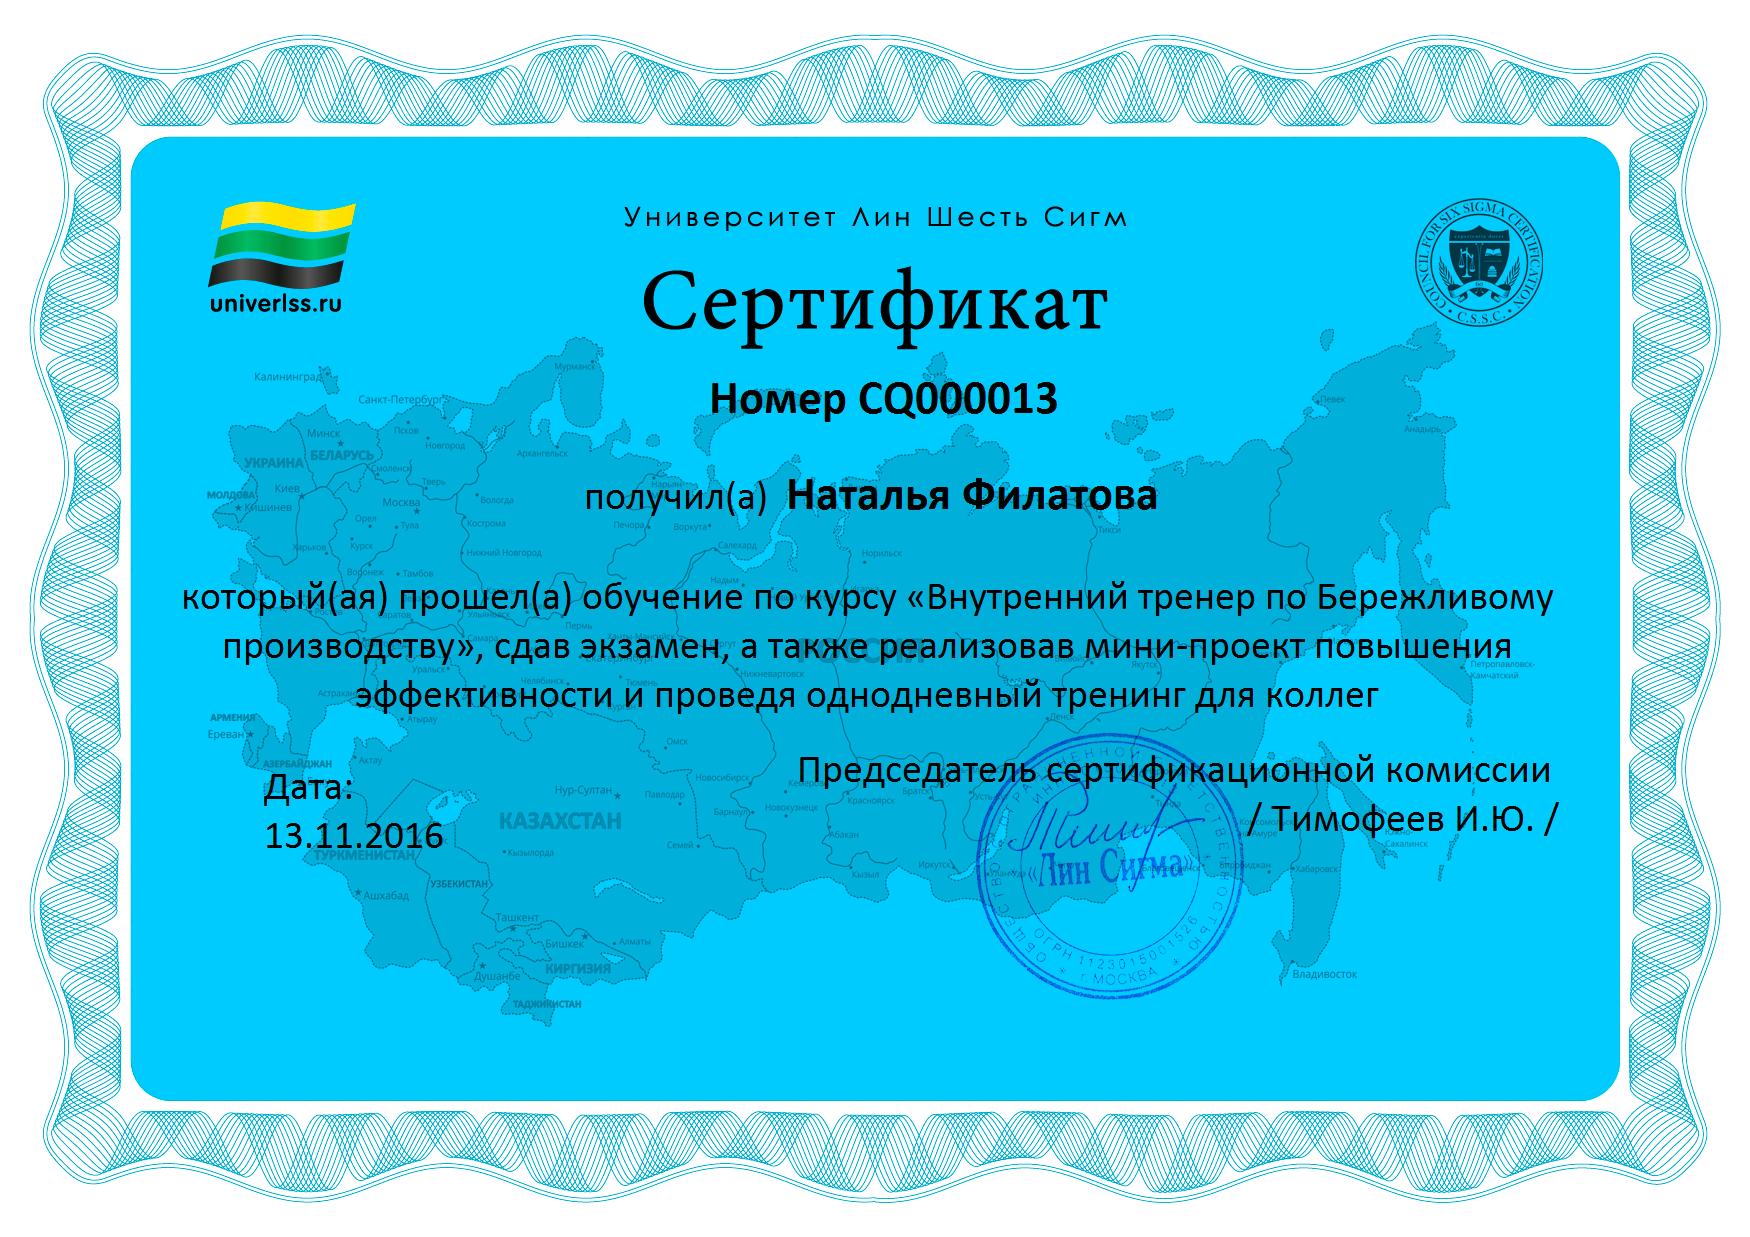 Сертификат Внутренний тренер_пример